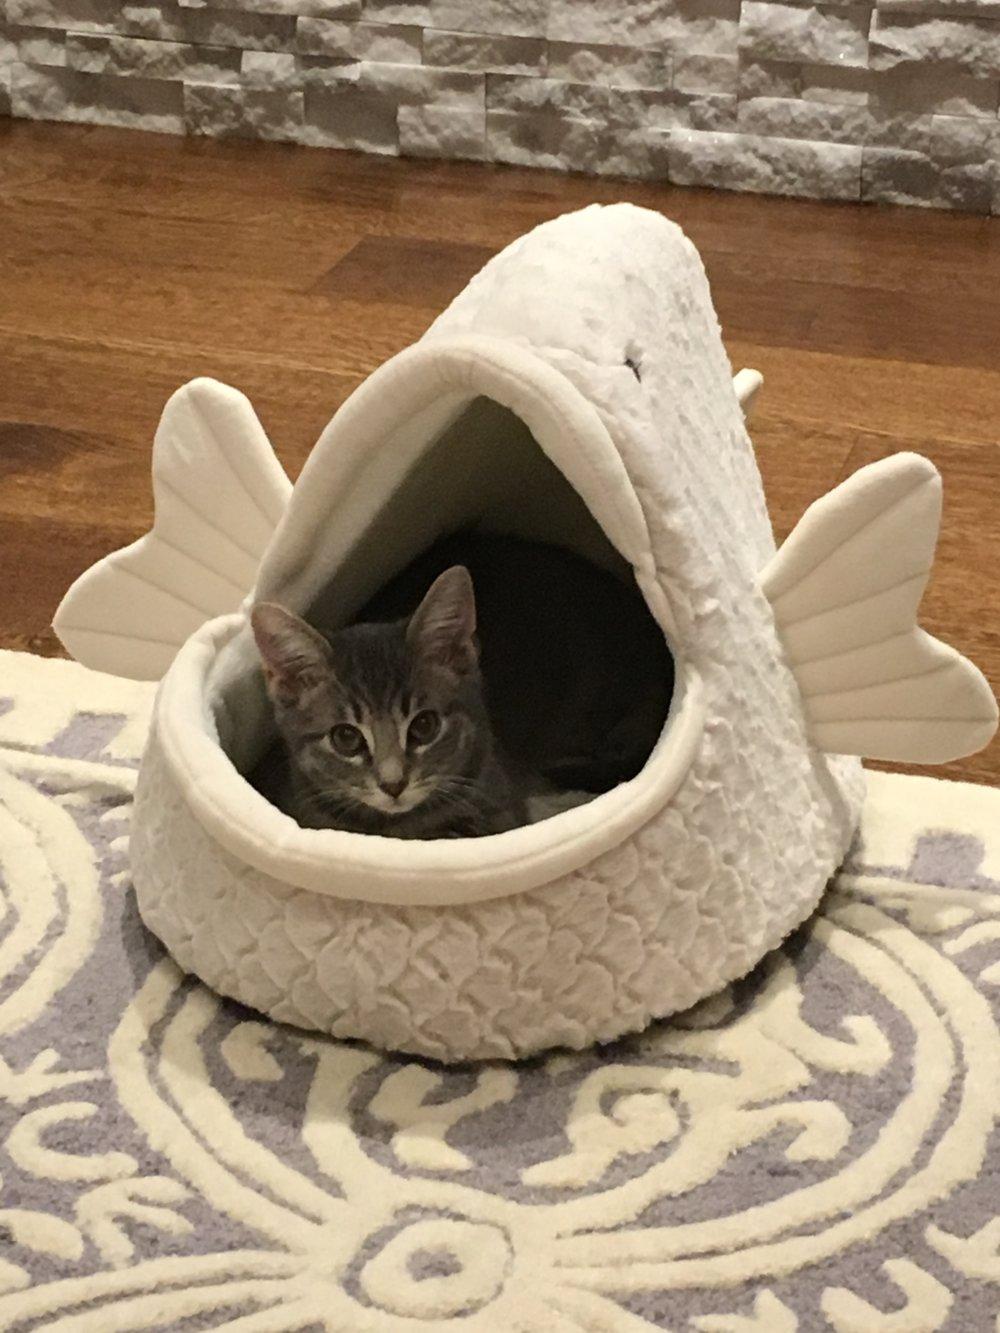 Apollo, caught by a fish!